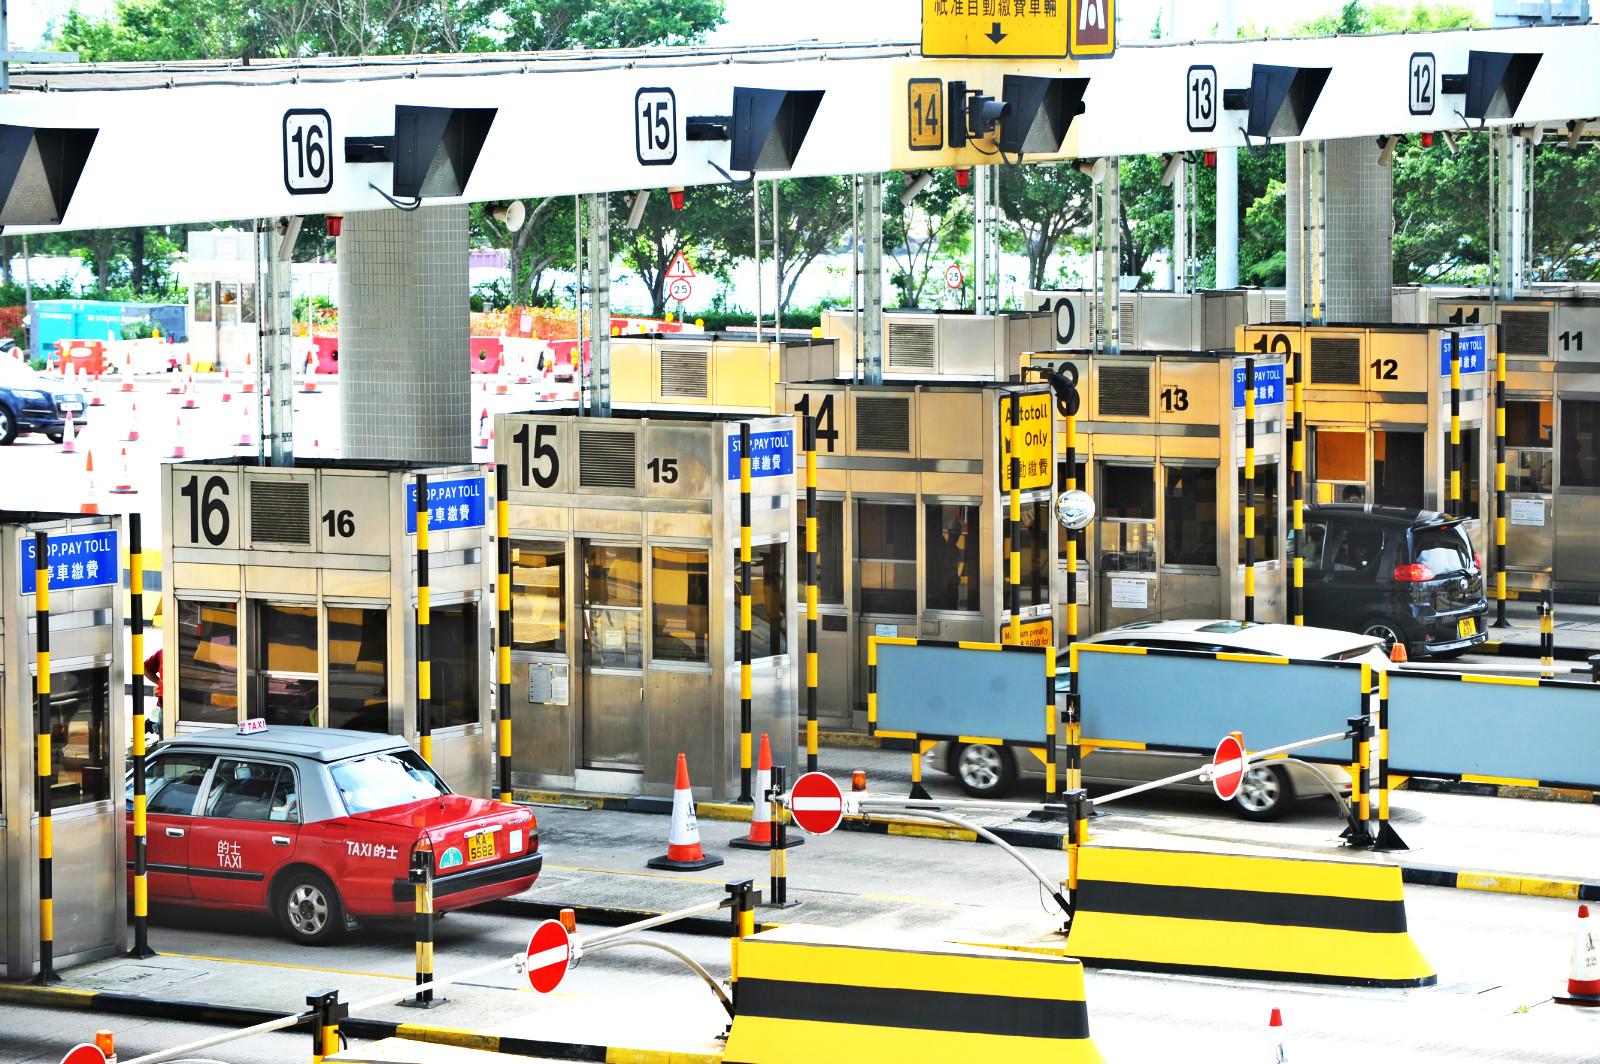 政府建議代繳專營巴士使用西隧的隧道費。資料圖片